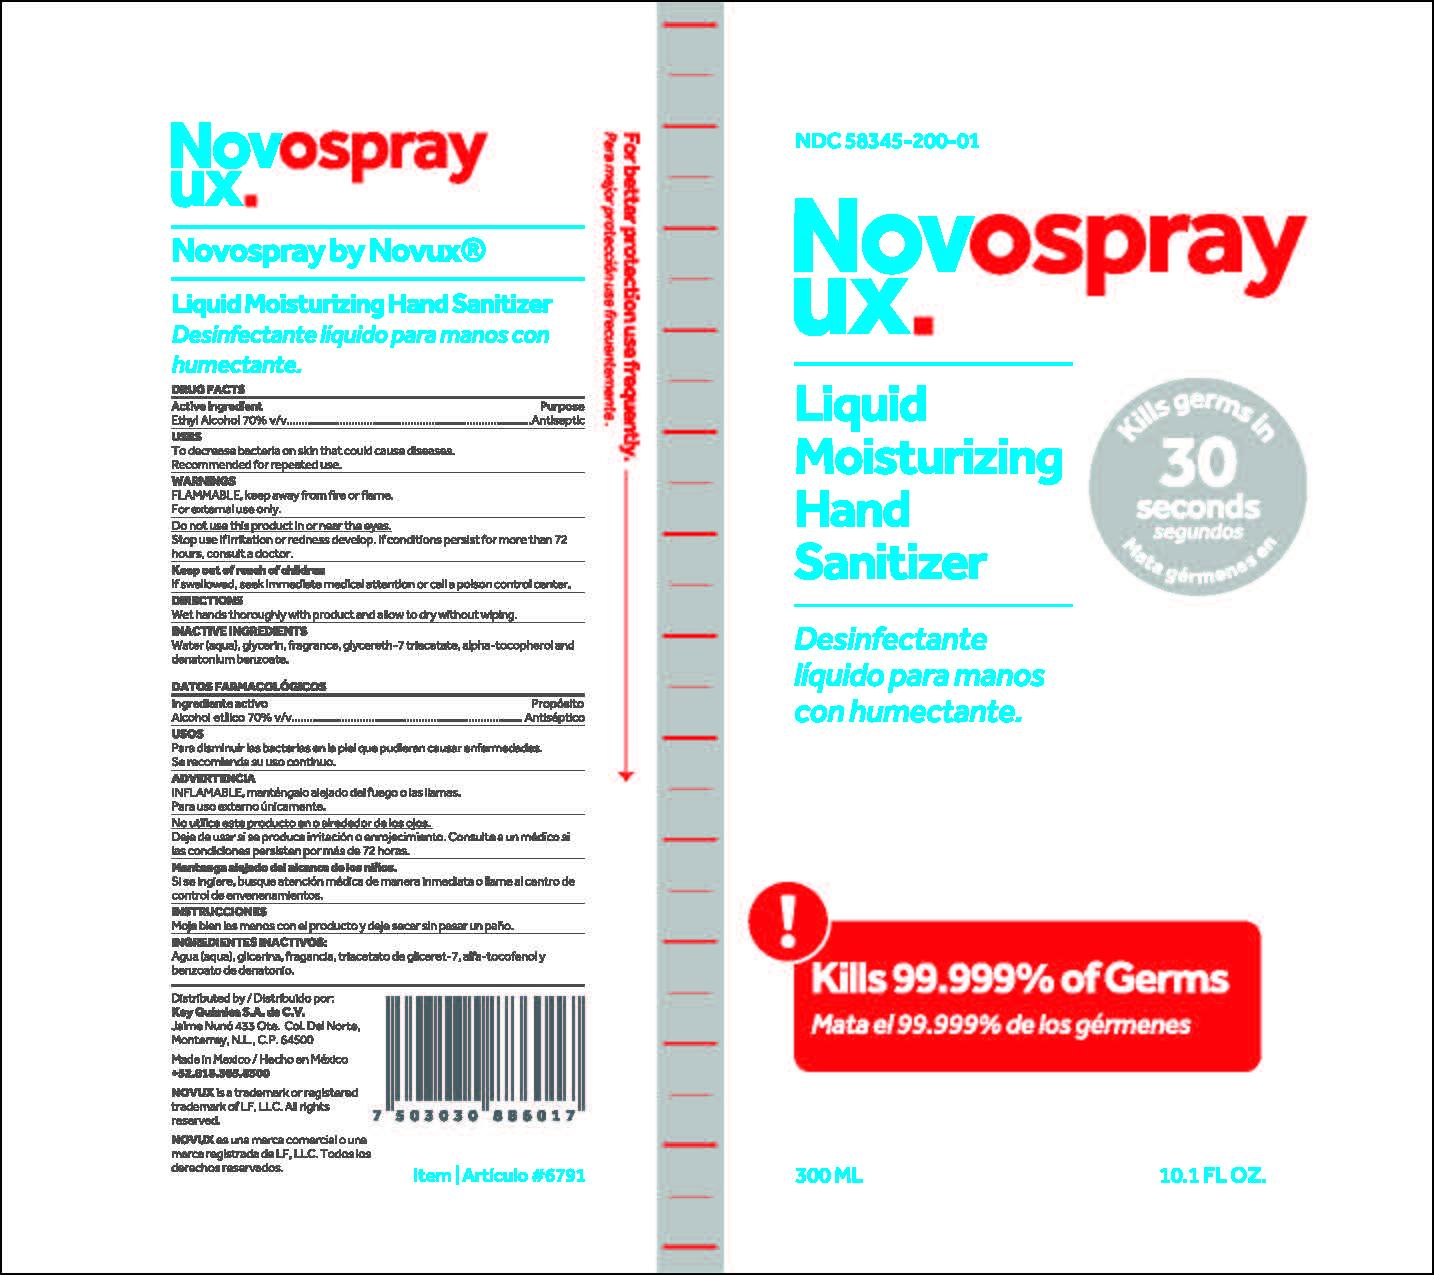 Novospray